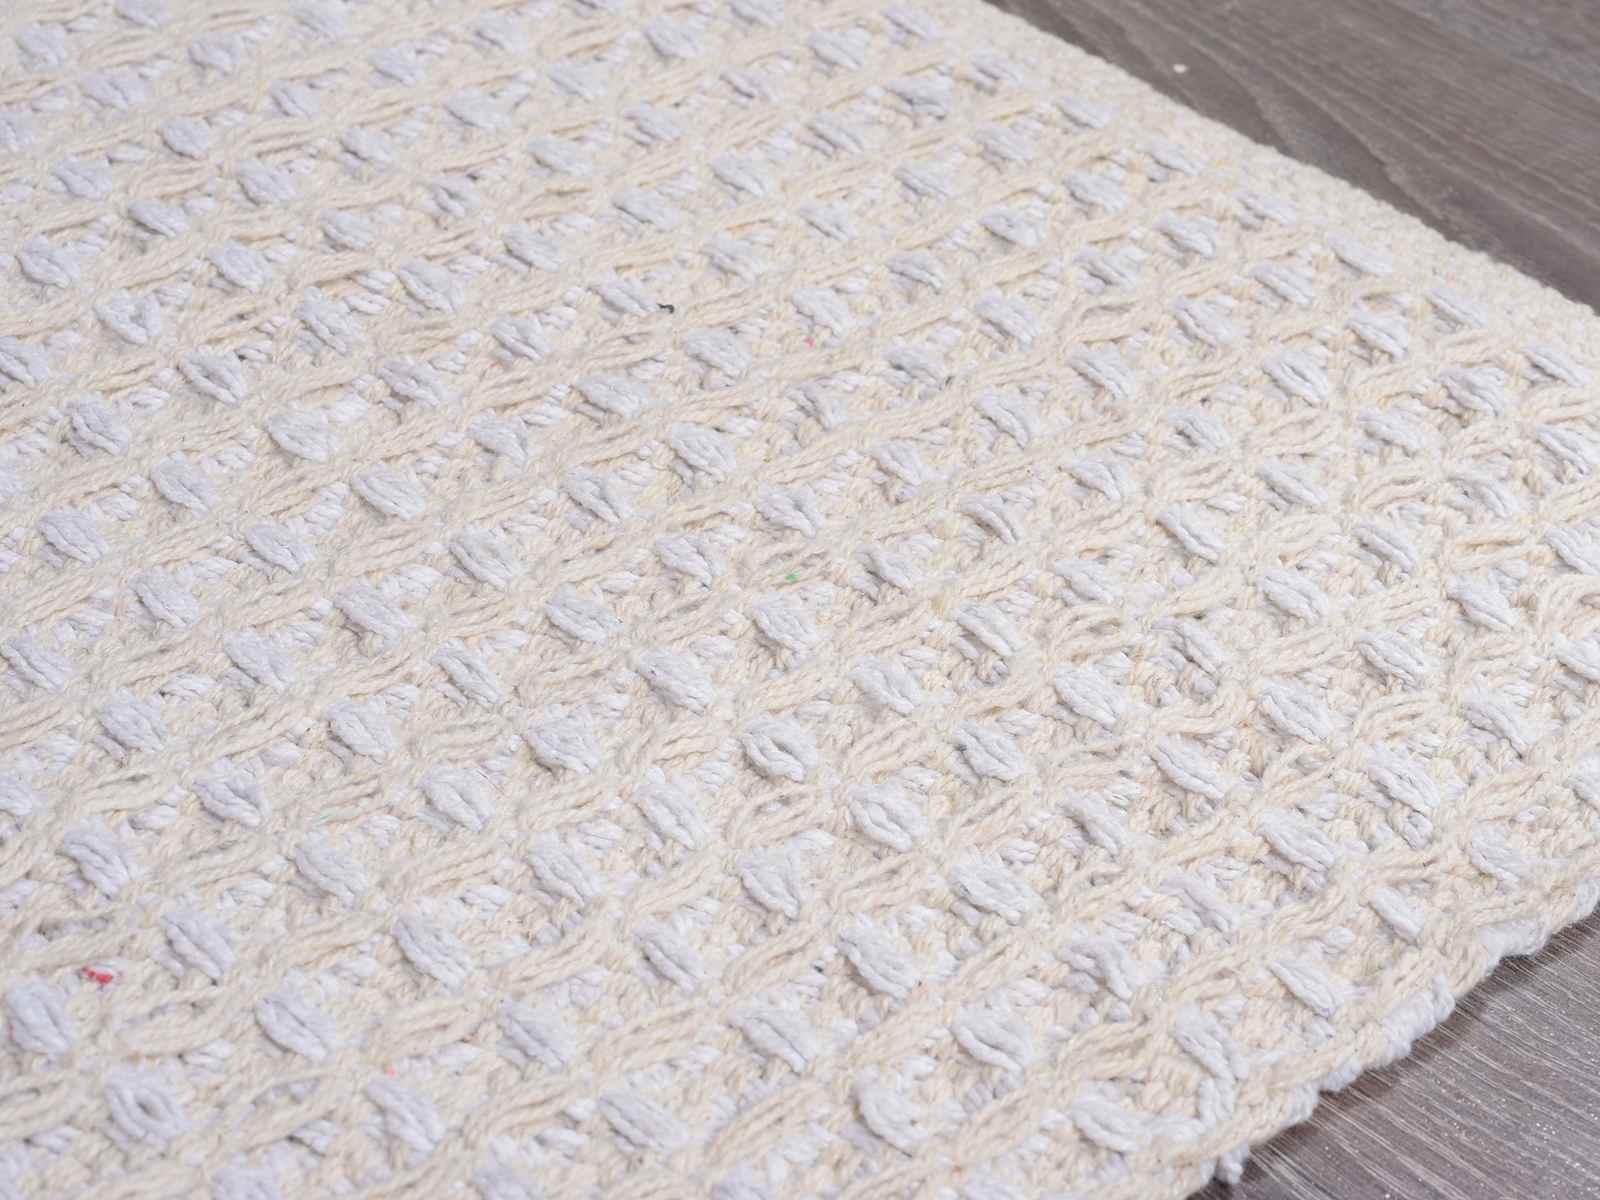 Alfombras de algodon alfombras a medida de vinilo tejido - Alfombras de algodon ...